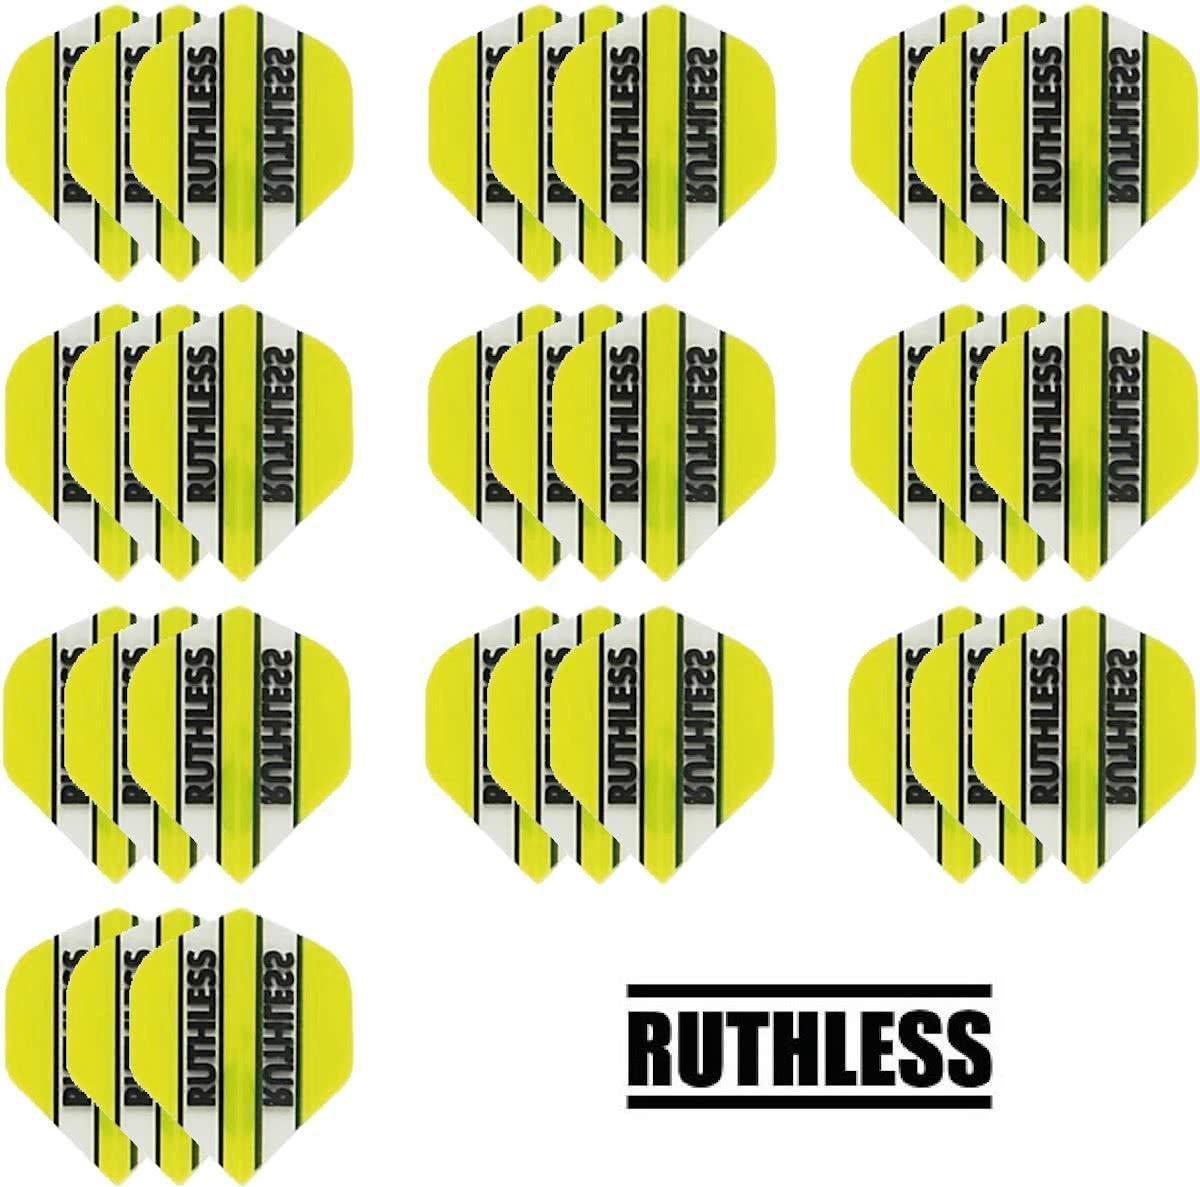 Dragon darts - 10 Sets (30 stuks) - Ruthless - sterke flights - Geel - darts flights